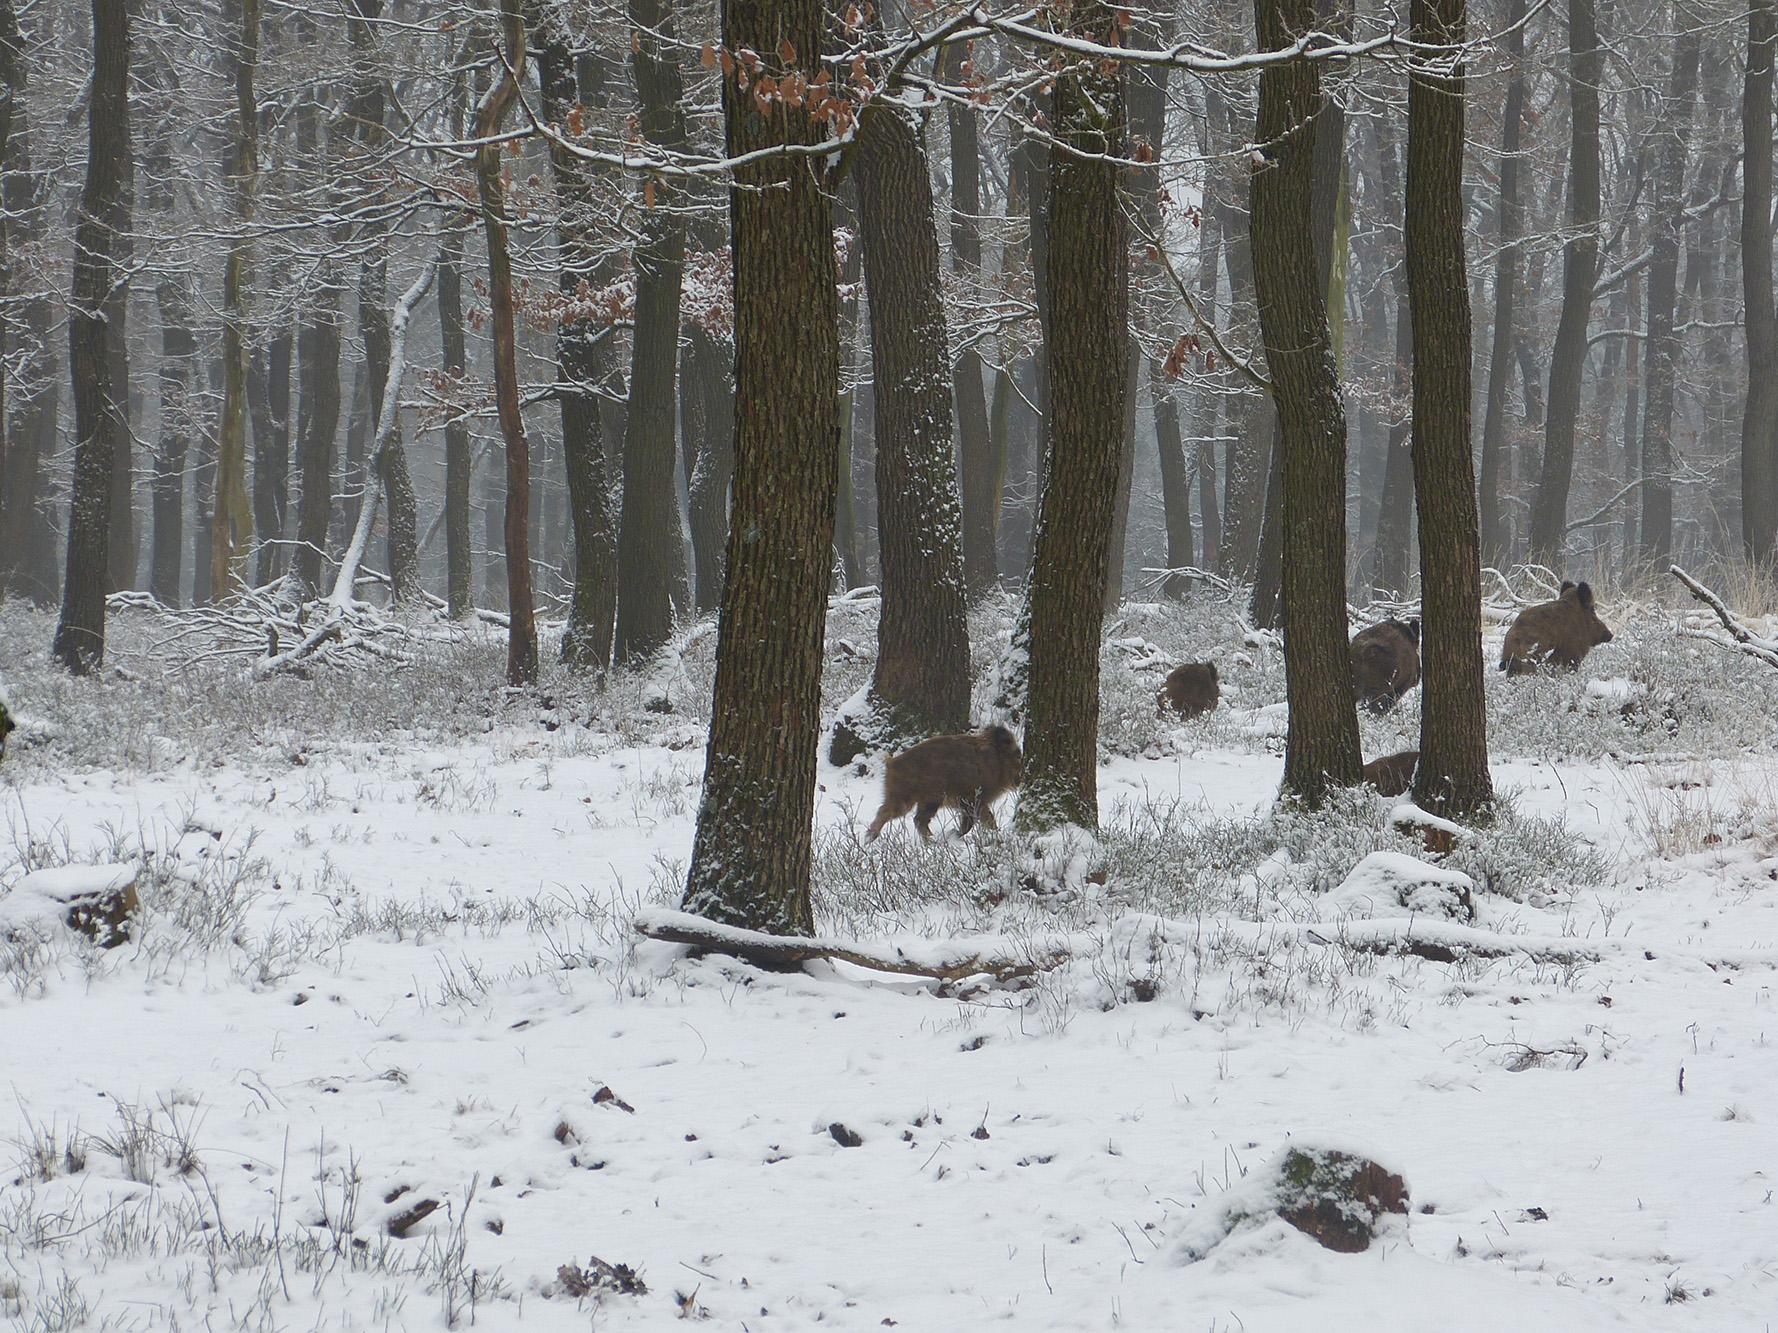 De zwartkielen zijn druk bezig met hun snuit in de sneeuw om wat eetbaars te vinden - Foto: ©Louis Fraanje